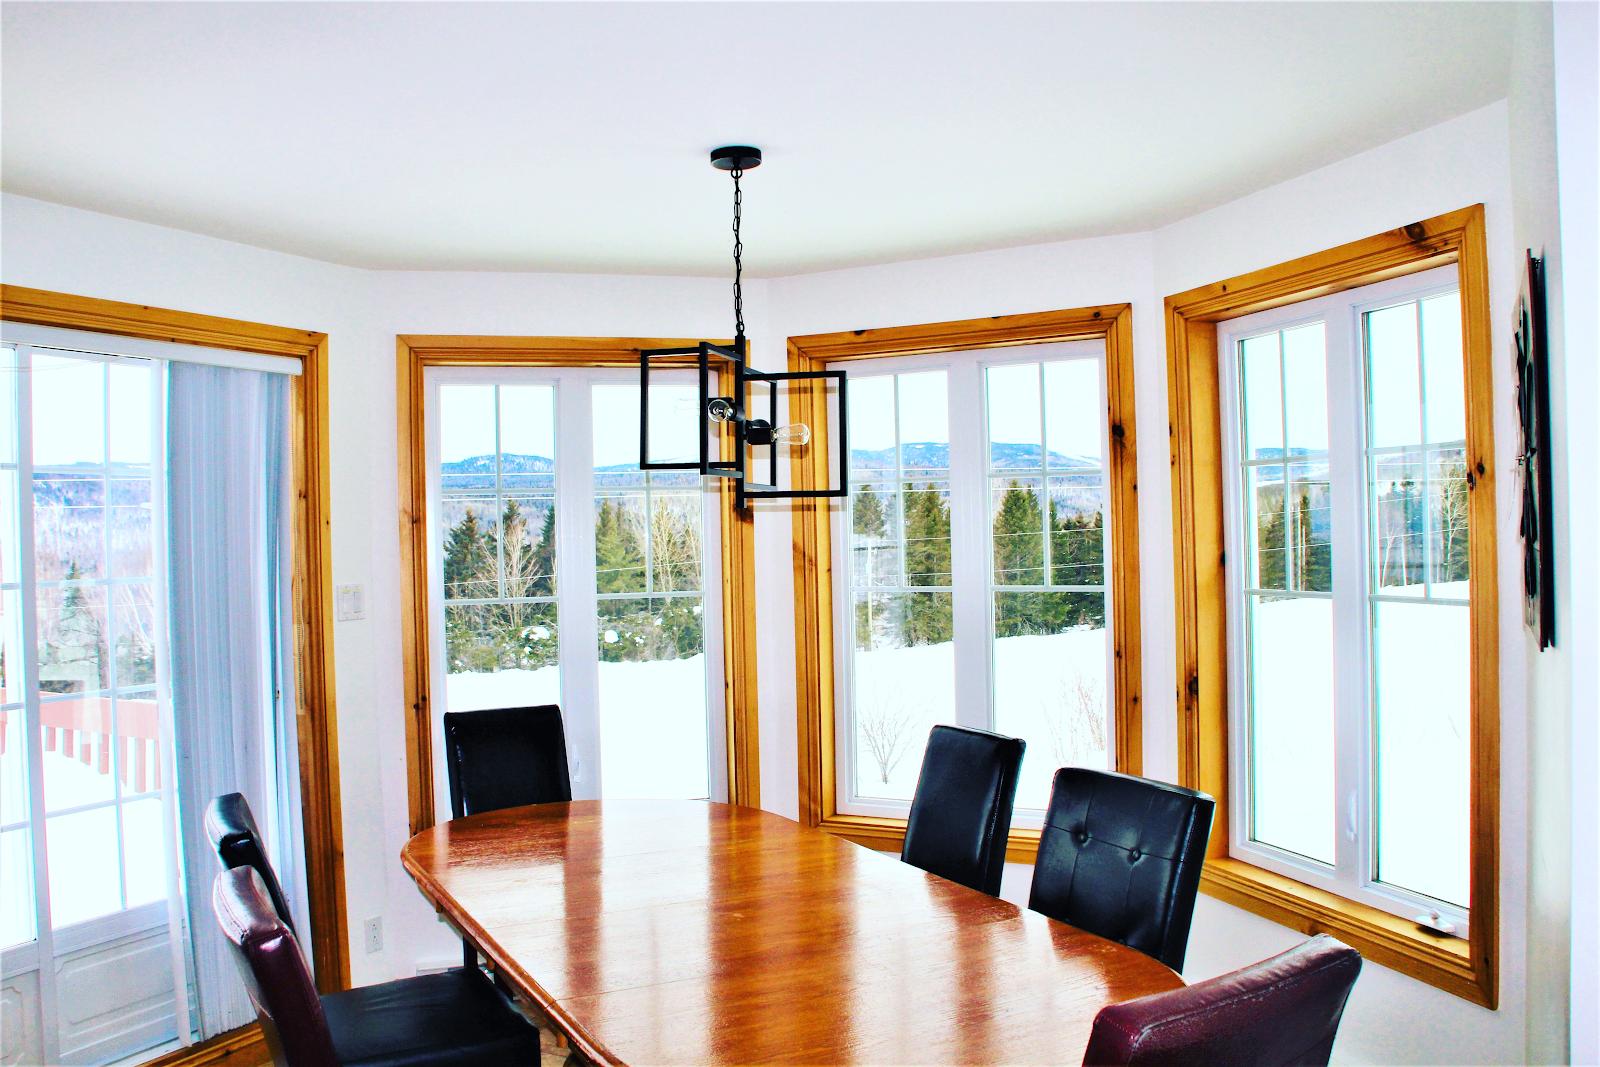 Cottages for rent for telework in Quebec #2